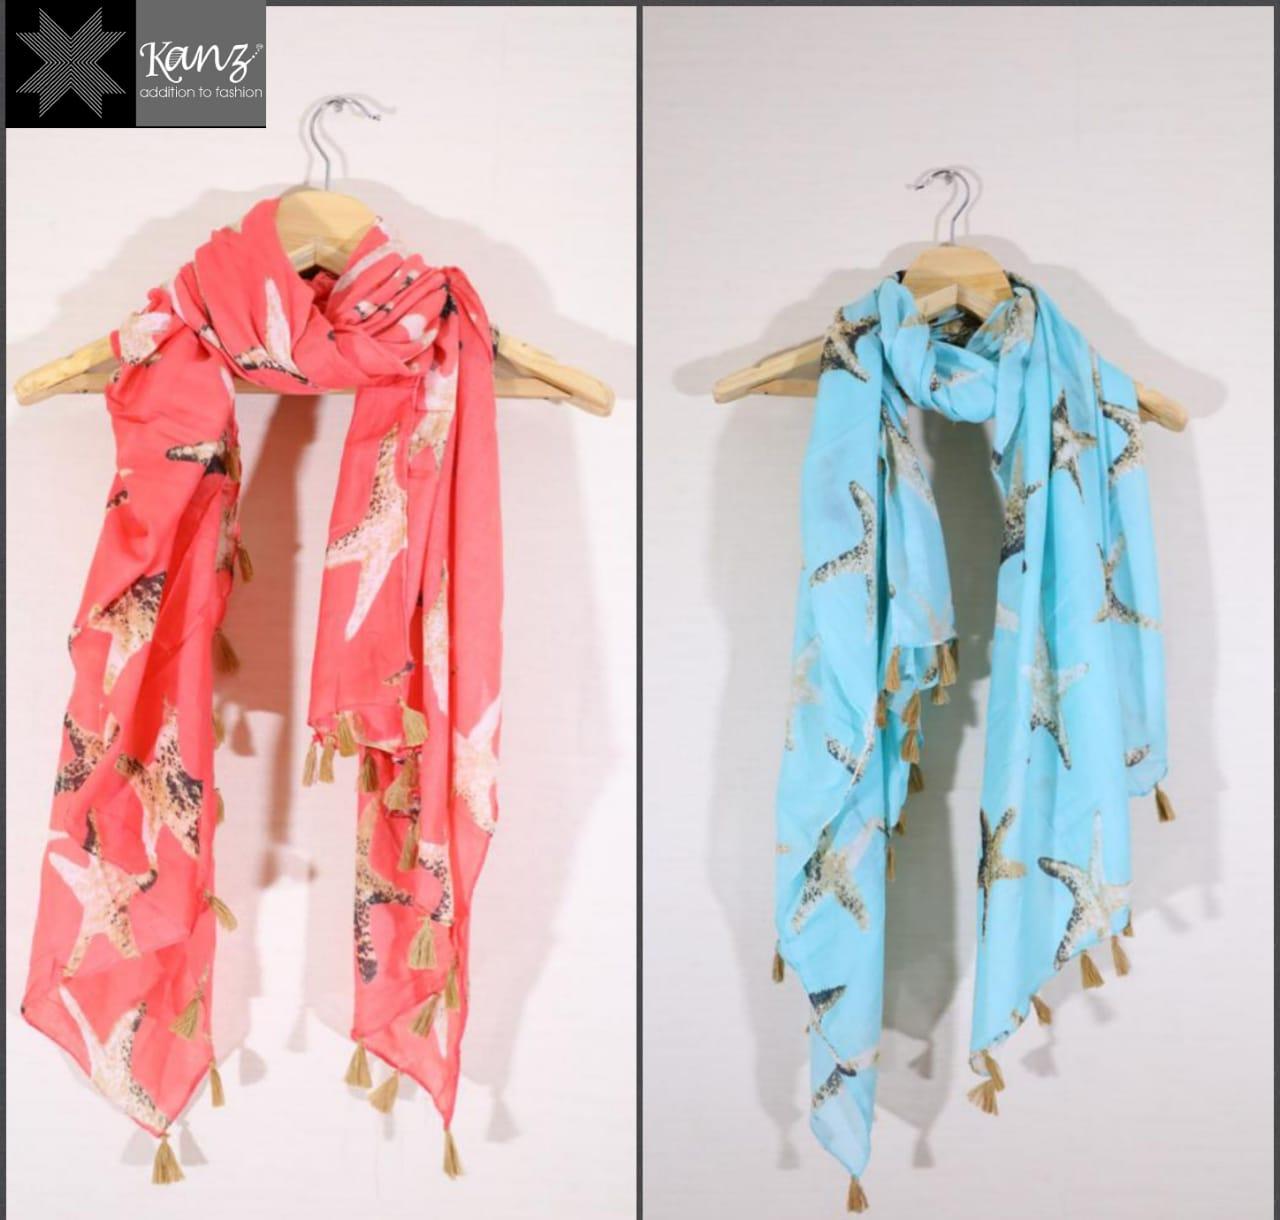 Kanz Scarf Present Premium Cotton Dupatta Vol 2 New Design Cotton Scarf